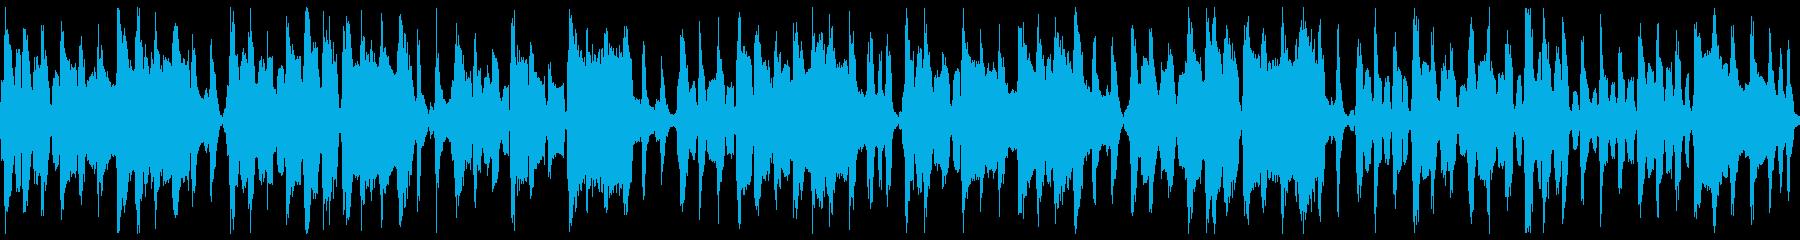 優雅なフランス風アコーディオン(ループの再生済みの波形